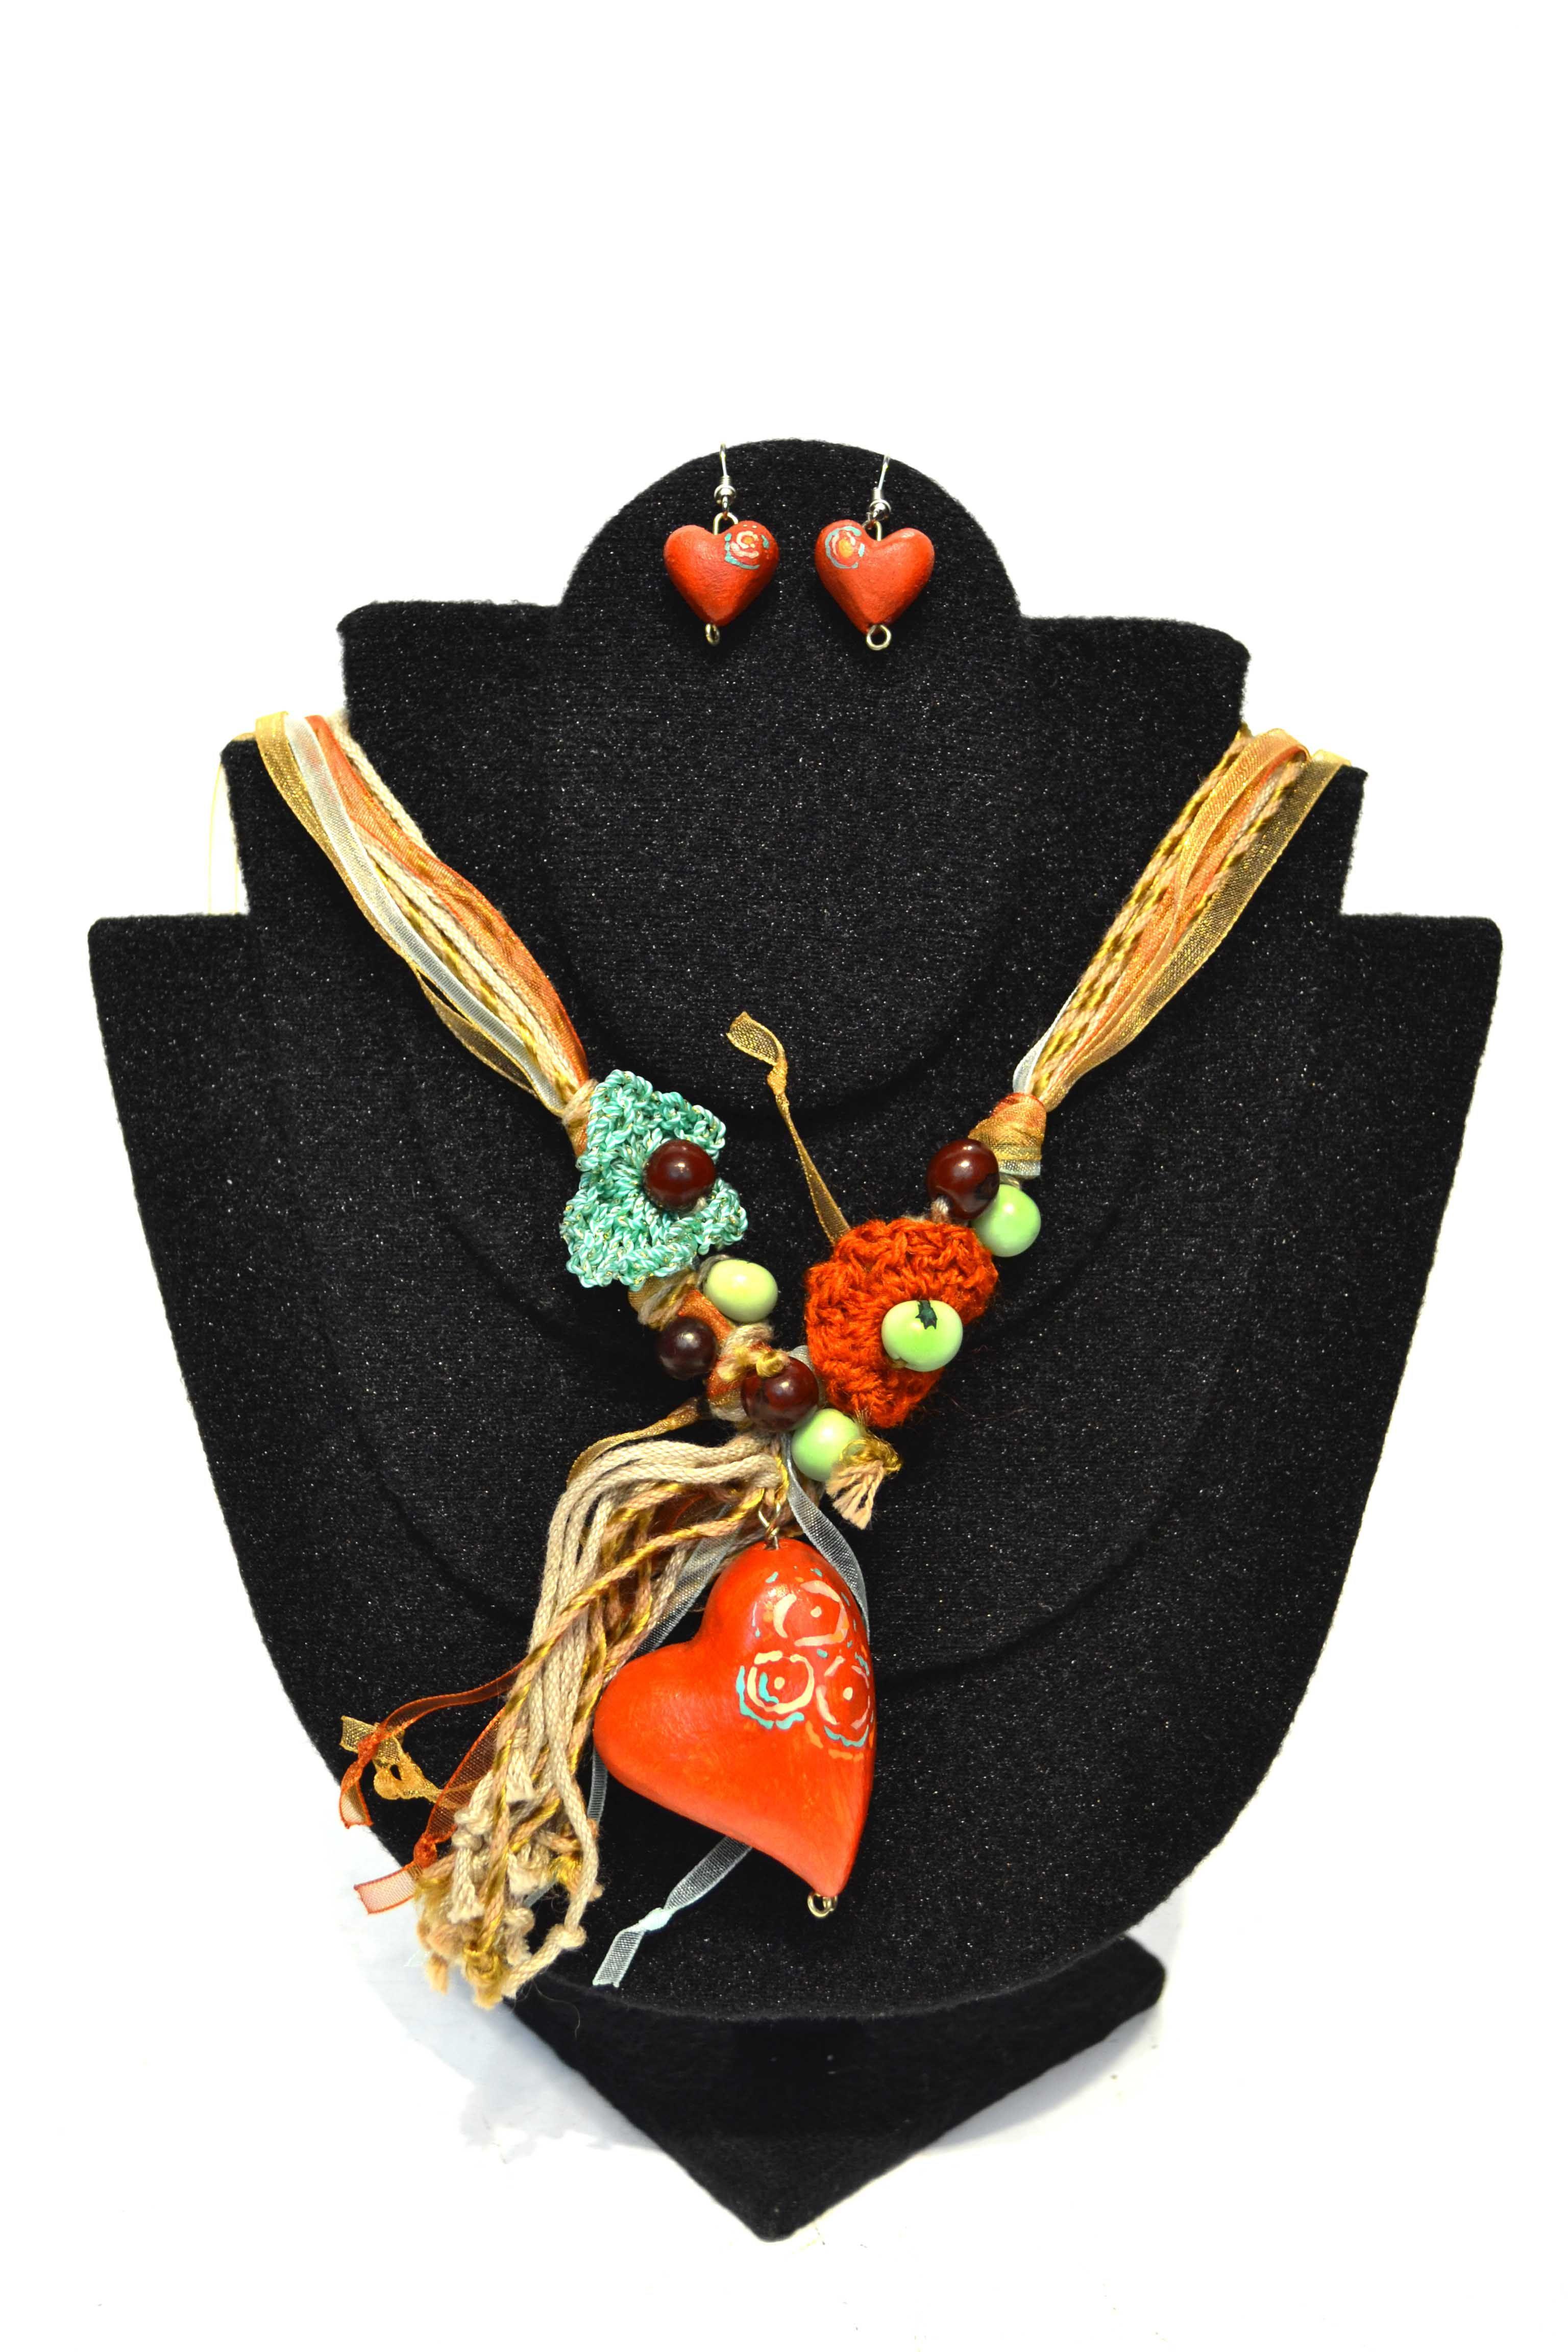 f9b00cd96eca Conoce la propuesta de joyería y bisutería de diseño 100% mexicano de Laura  R.